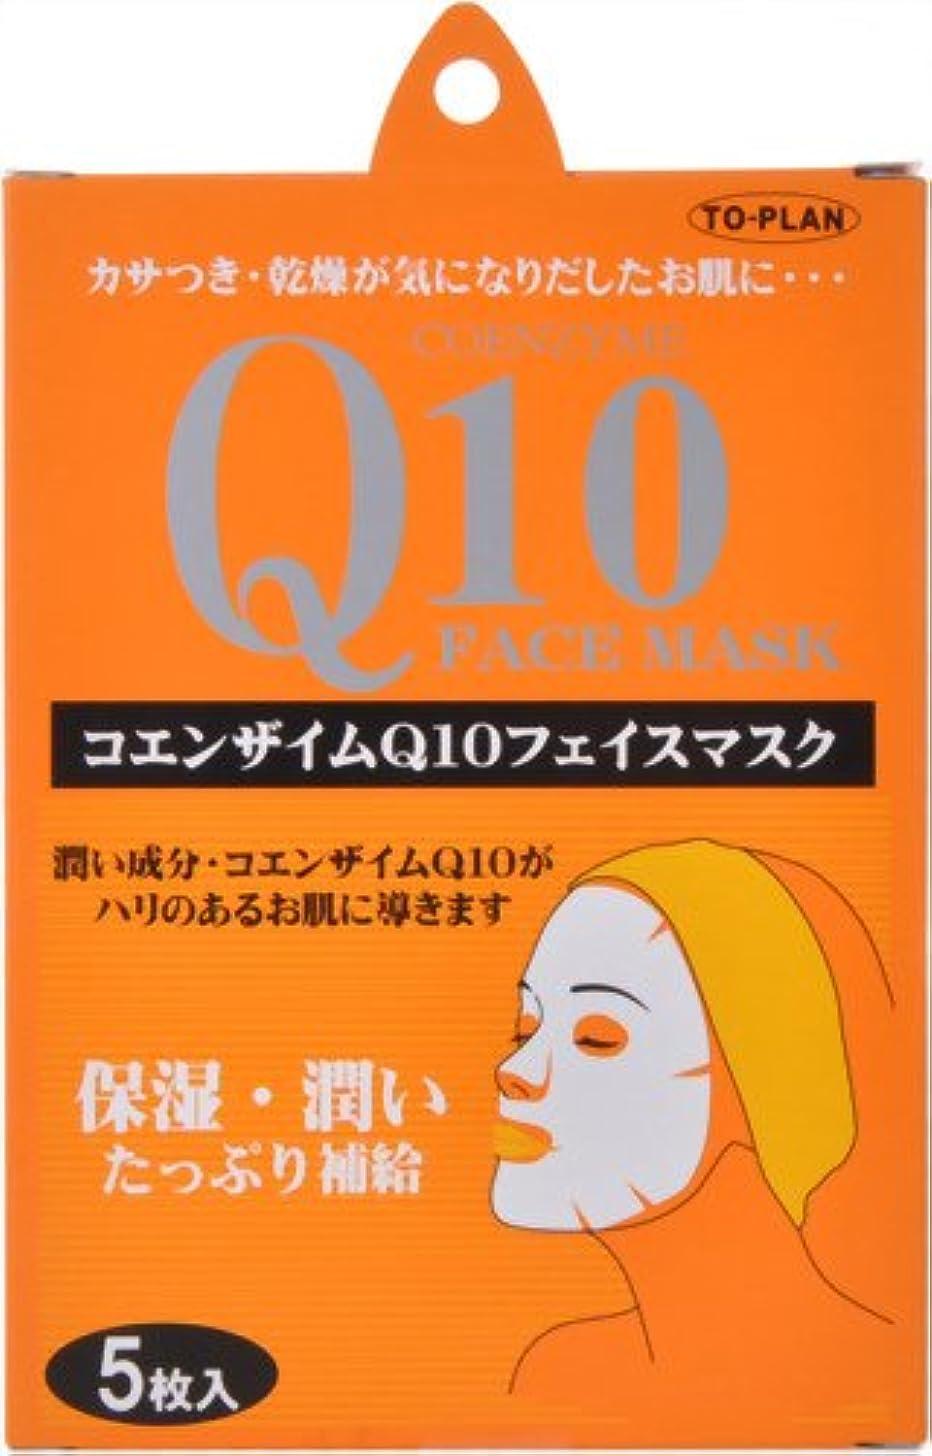 プログレッシブ革命バーTO-PLAN(トプラン) Q10フェイスマスク 5枚入り